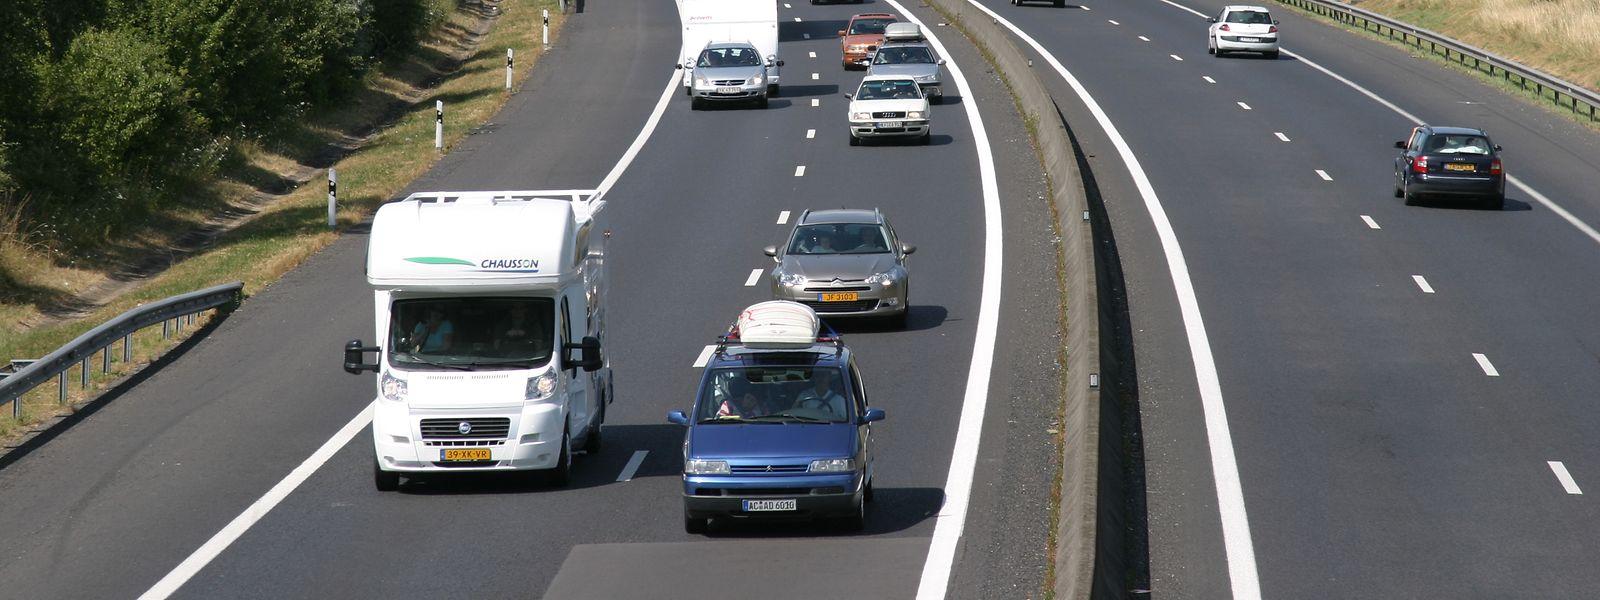 Le préfet du département de la Moselle a donné son feu vert pour l'élargissement des 11 km de l'axe entre l'A31 et la direction Strasbourg.